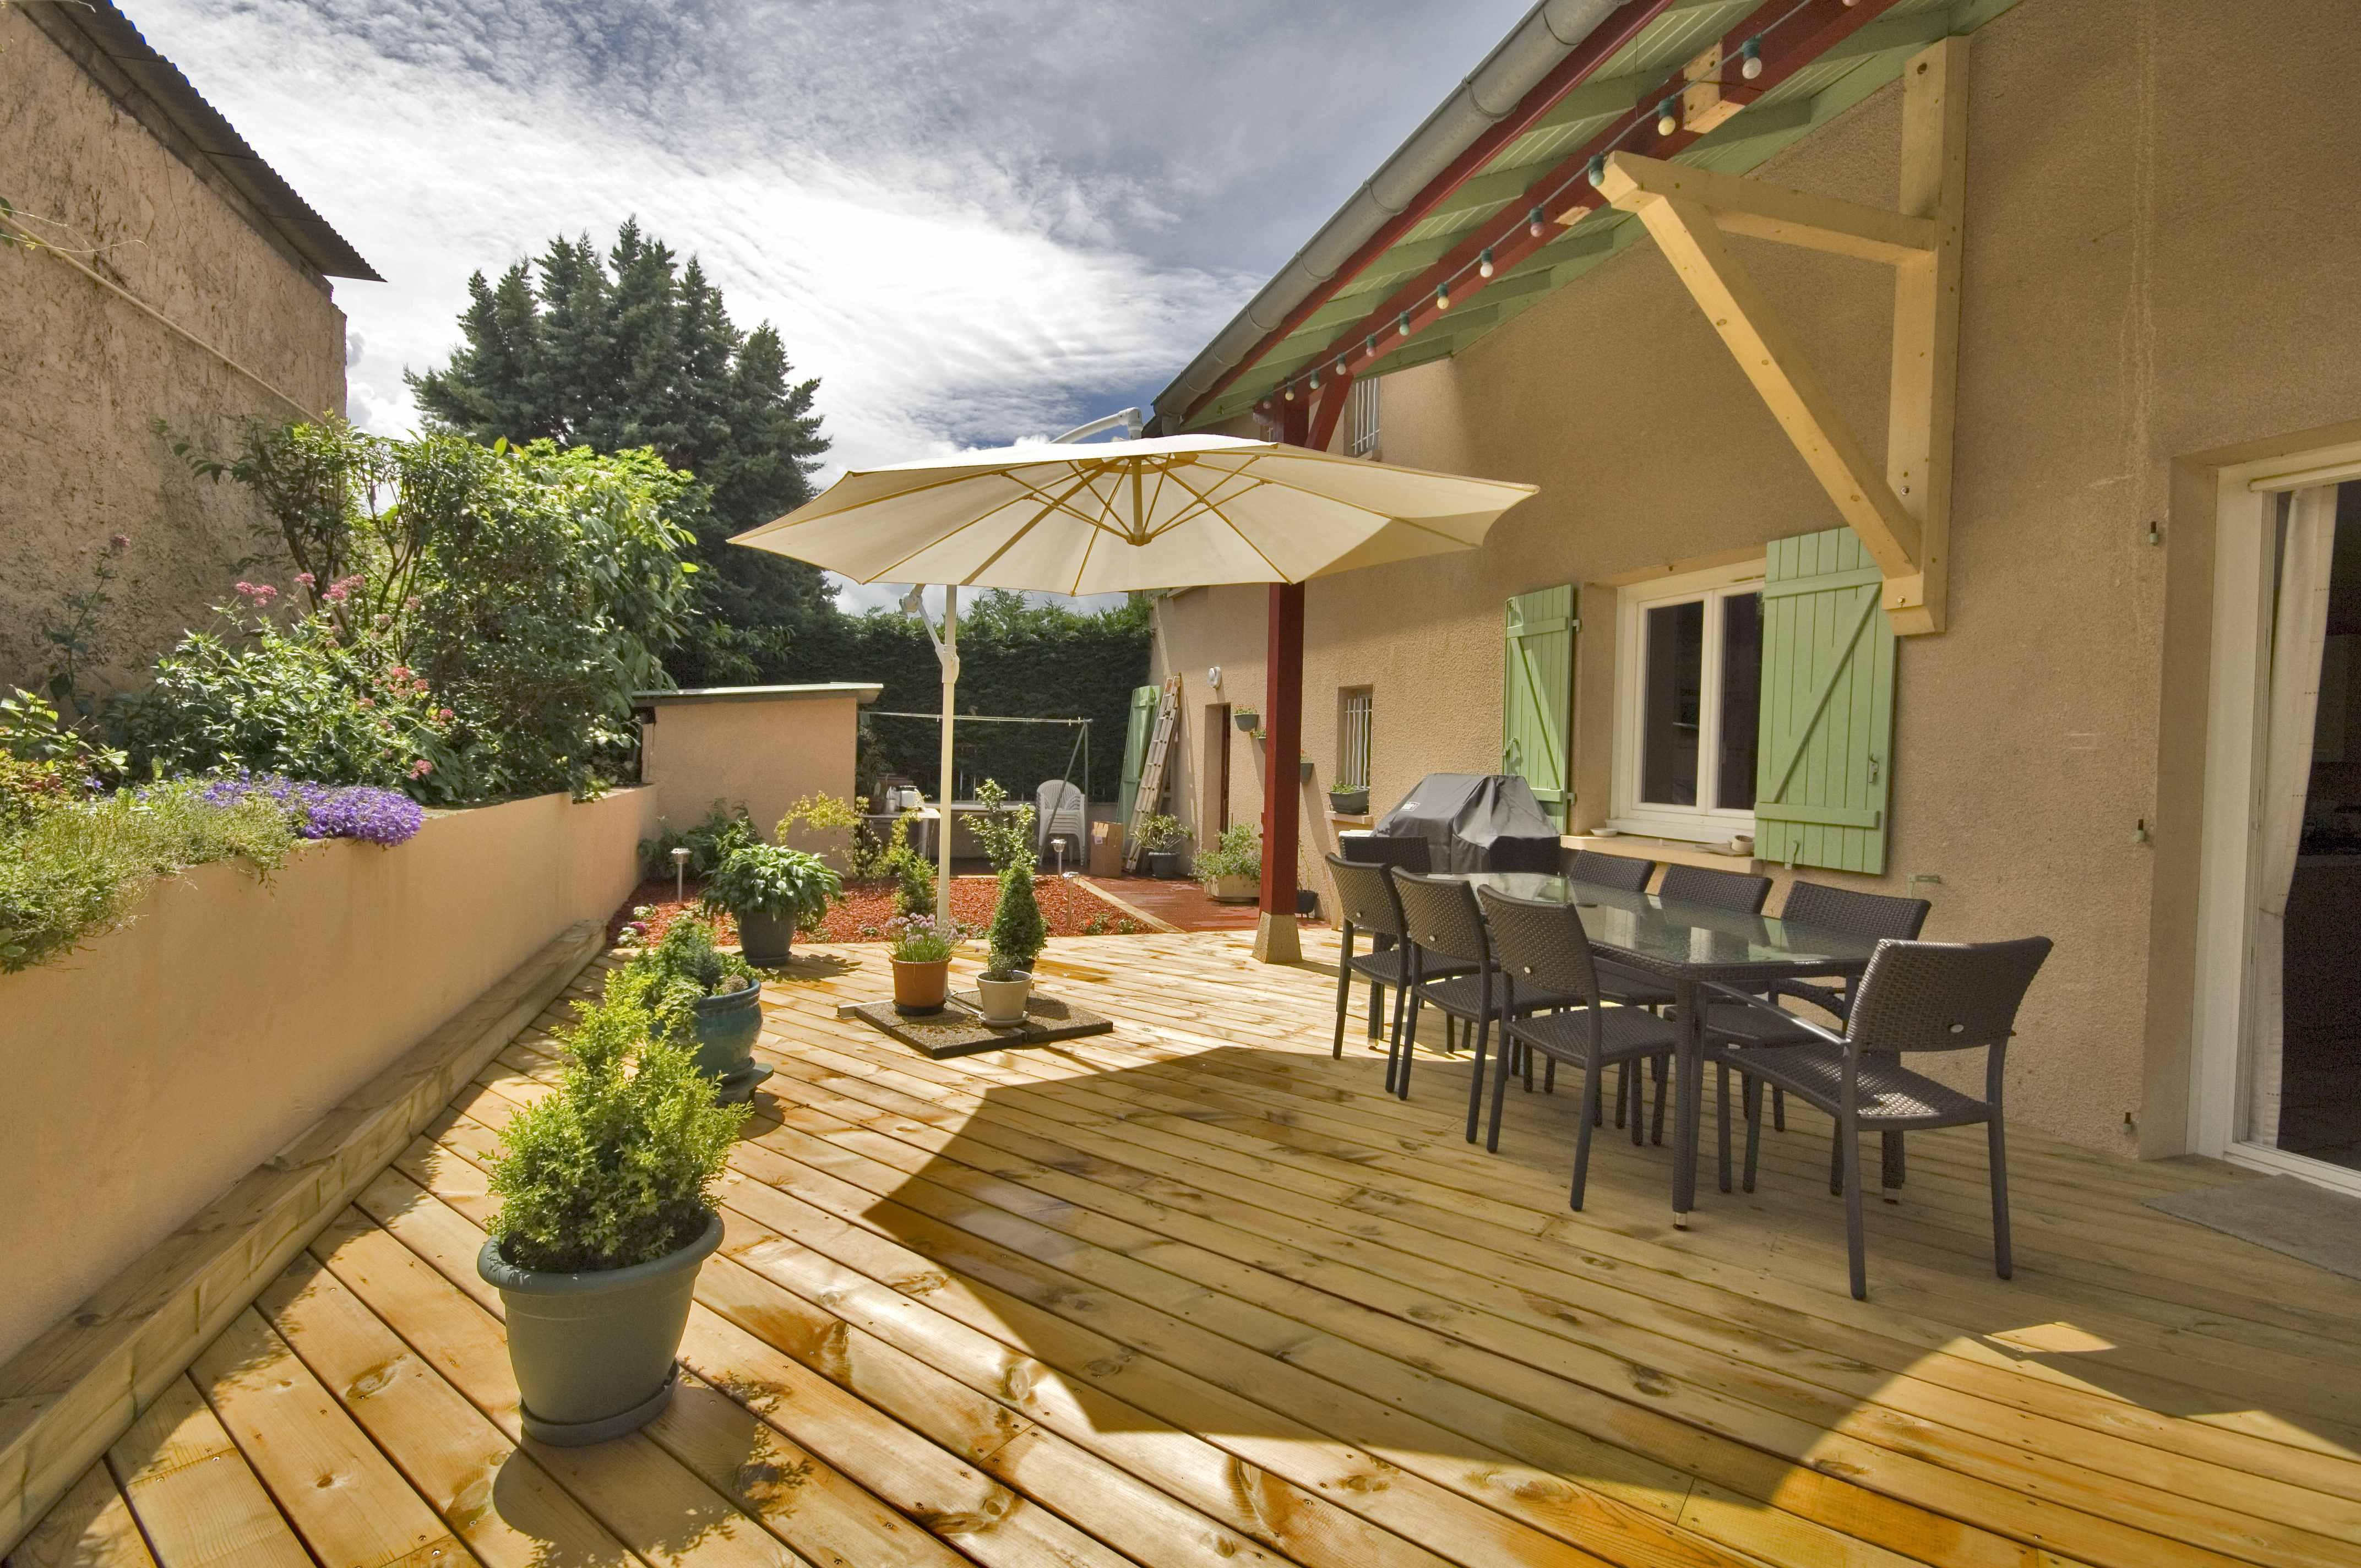 Spécialiste de la terrasse en bois sur tout terrain, plat ou en pente. Embellissement des terrasses ...